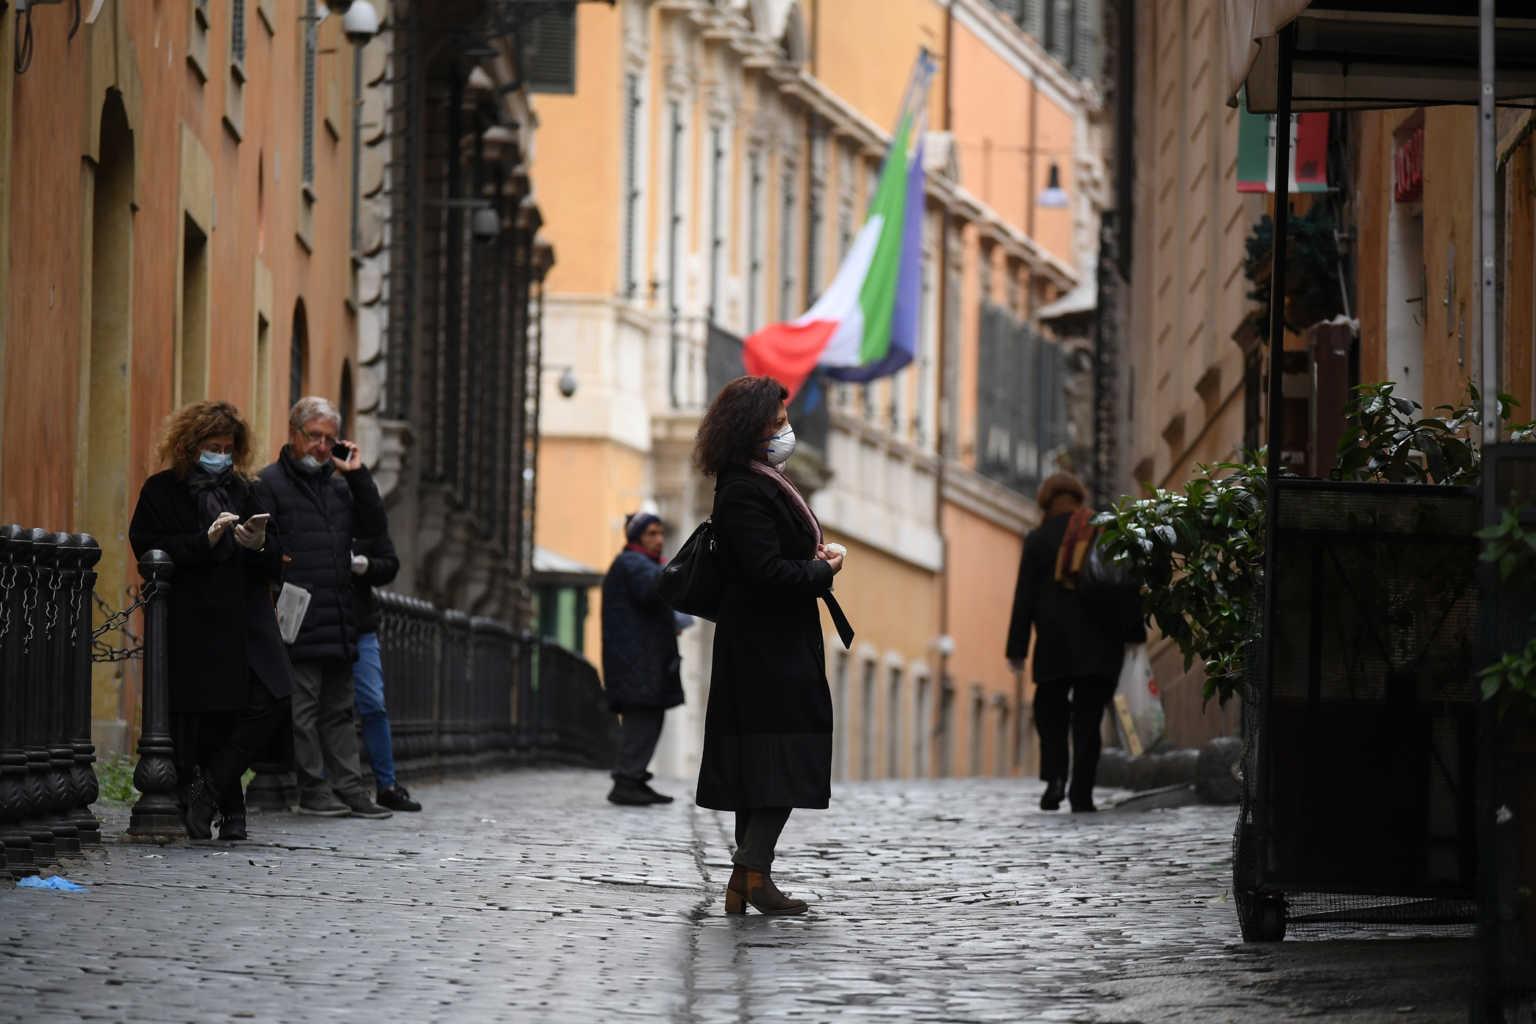 Έκτακτα μέτρα στην Ιταλία – Κουπόνια για σούπερ μάρκετ και τρόφιμα στους φτωχούς